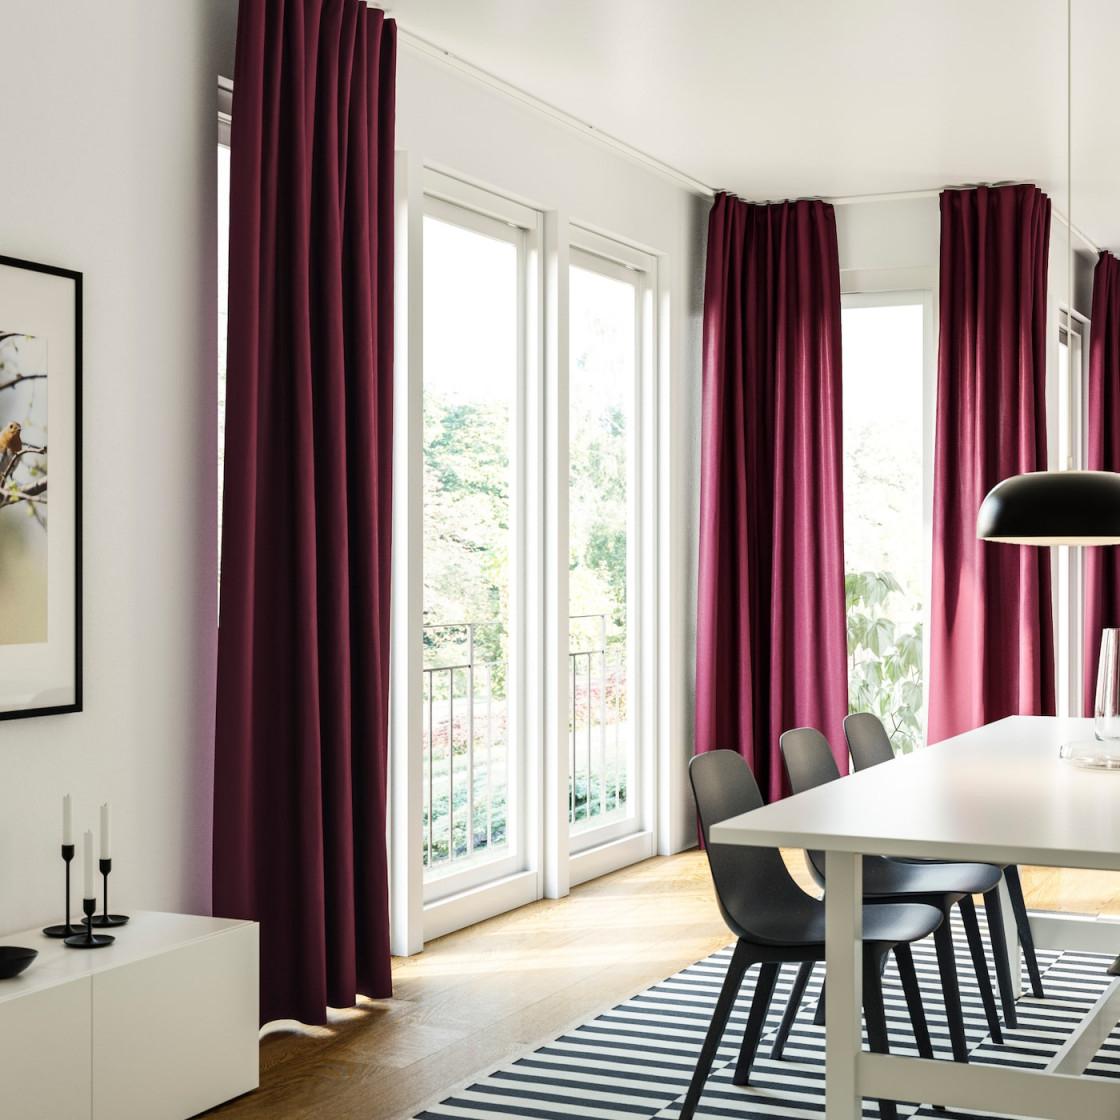 Gardinenideen Inspirationen Für Dein Zuhause  Ikea von Wohnzimmer Gardinen Angebote Bild